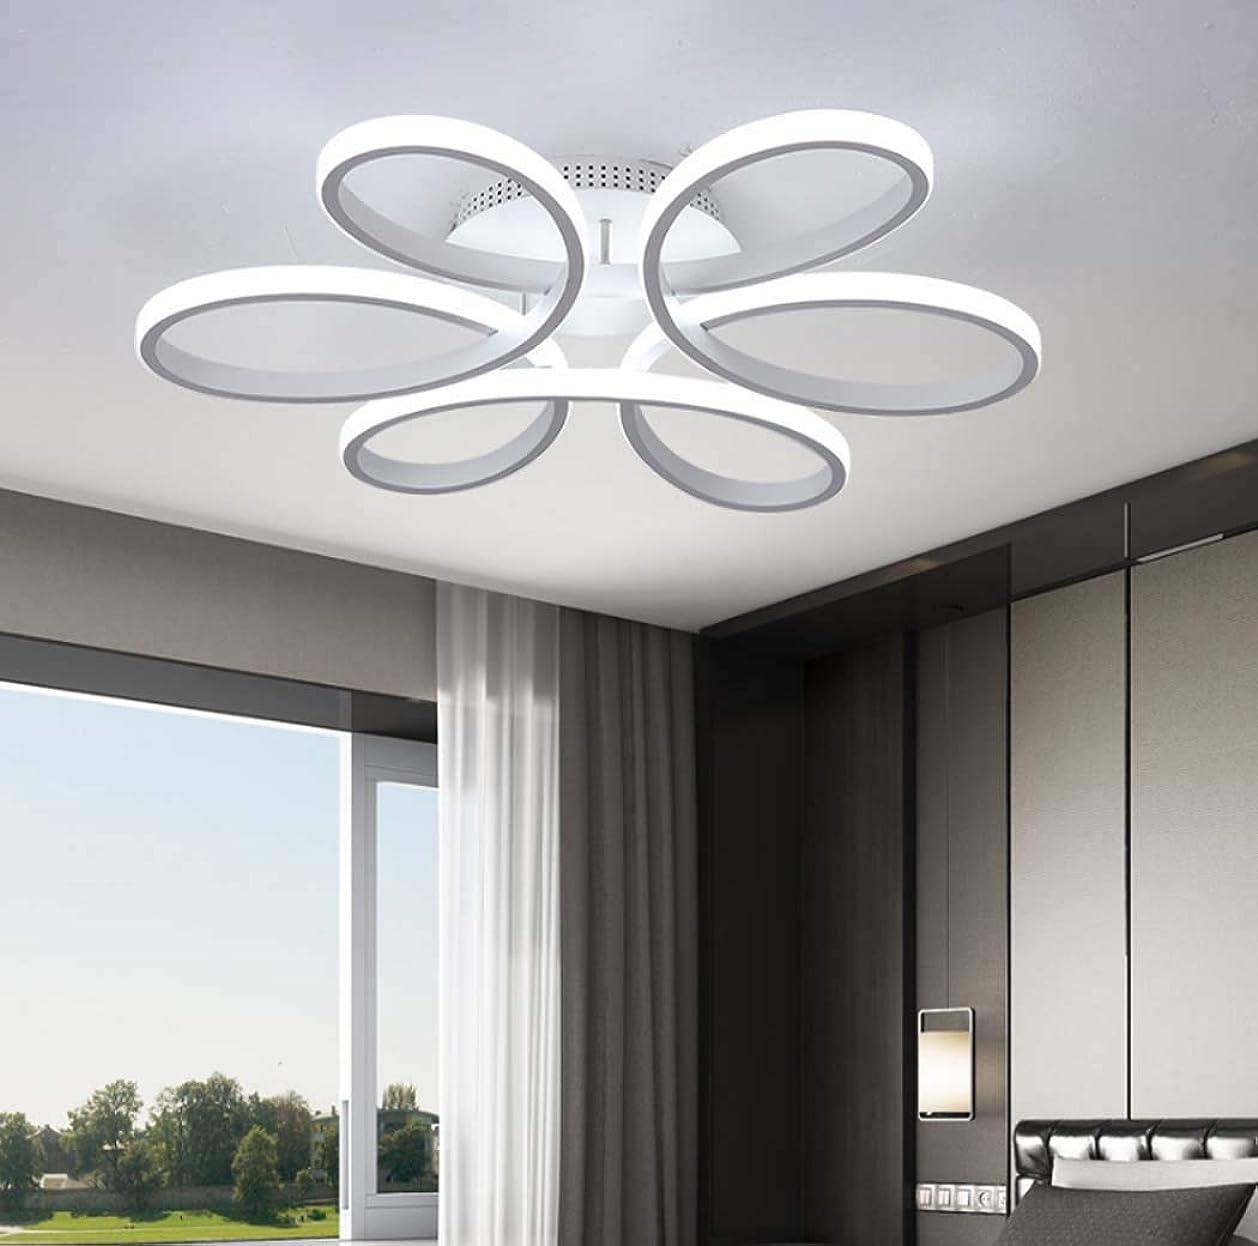 受信機軽食スムーズにシンプルな花のLEDシーリングライトモダンなLED埋め込み天井灯寝室研究オフィスの照明、68W / 75W、58 * 11cm,Whitelight